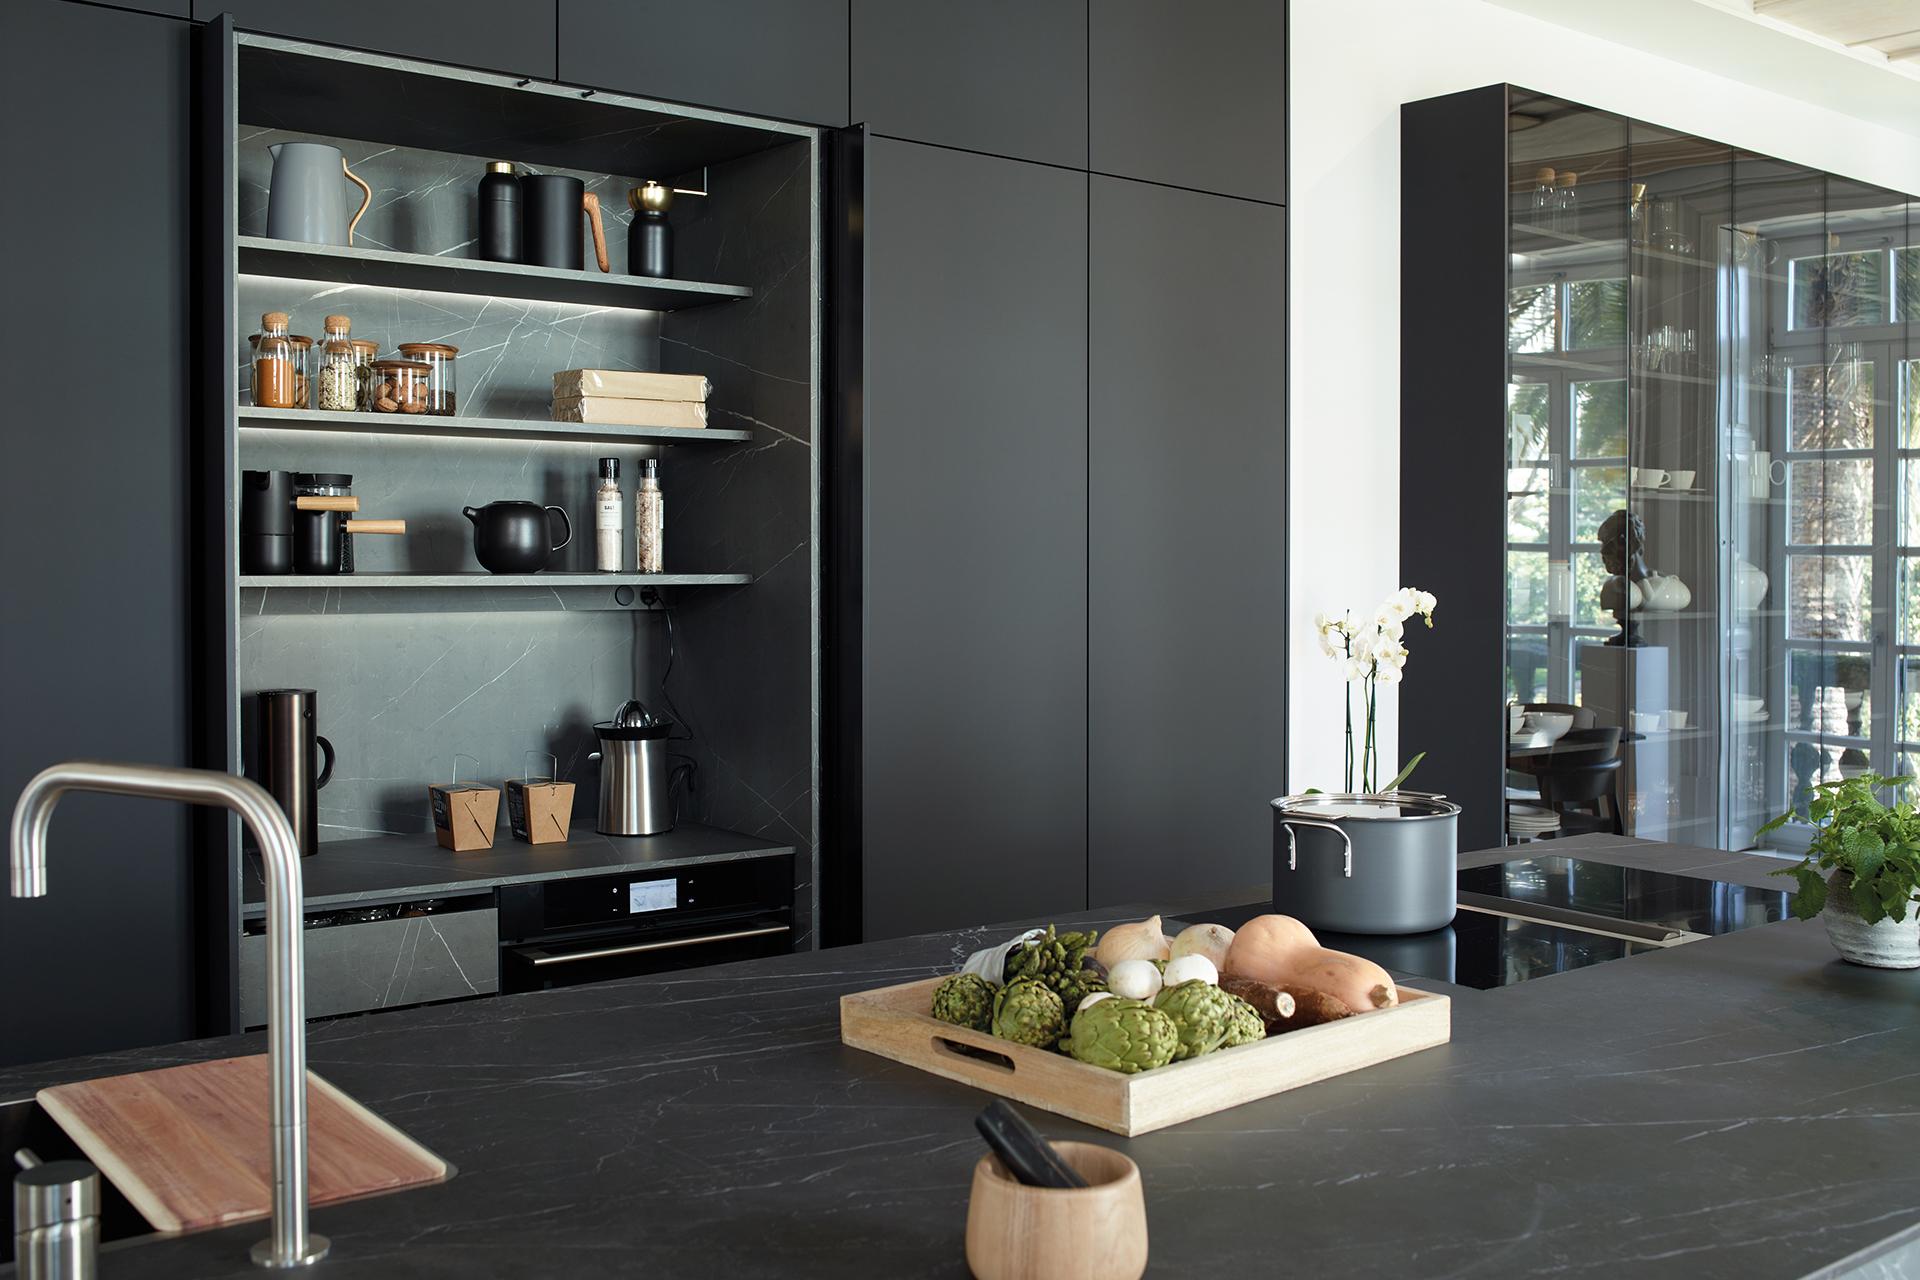 Zwarte parallelle open keuken naar de woonkamer, ingericht met door Santos ontworpen meubels